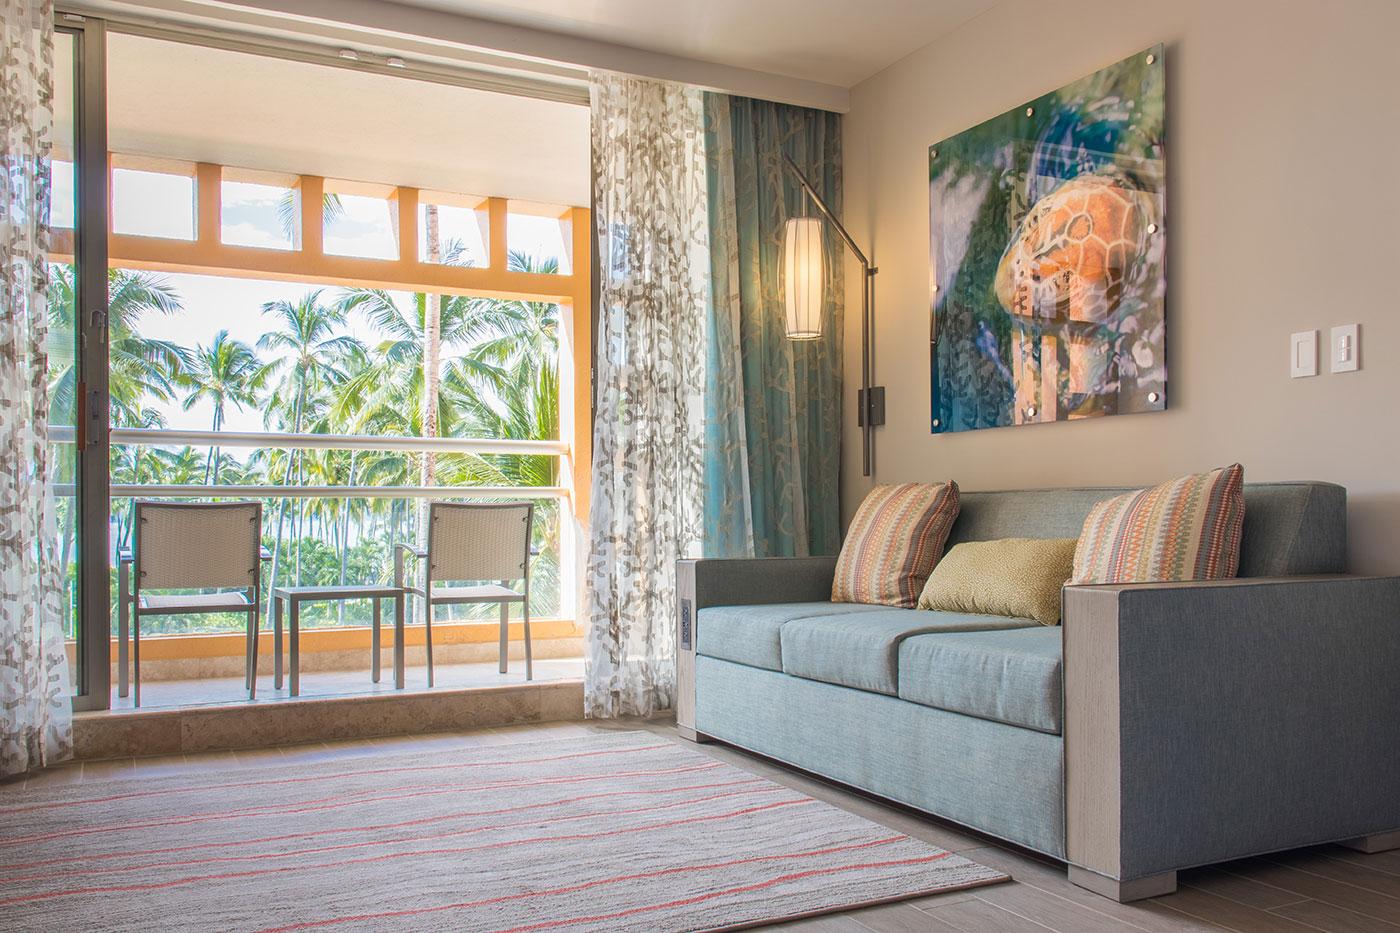 Proyectos SPAD Constructora, Remodelación de habitaciones Westin, Sillon y terraza decoración, Diseño de Interiores, Arquitectura, Puerto Vallarta, Jalisco, México